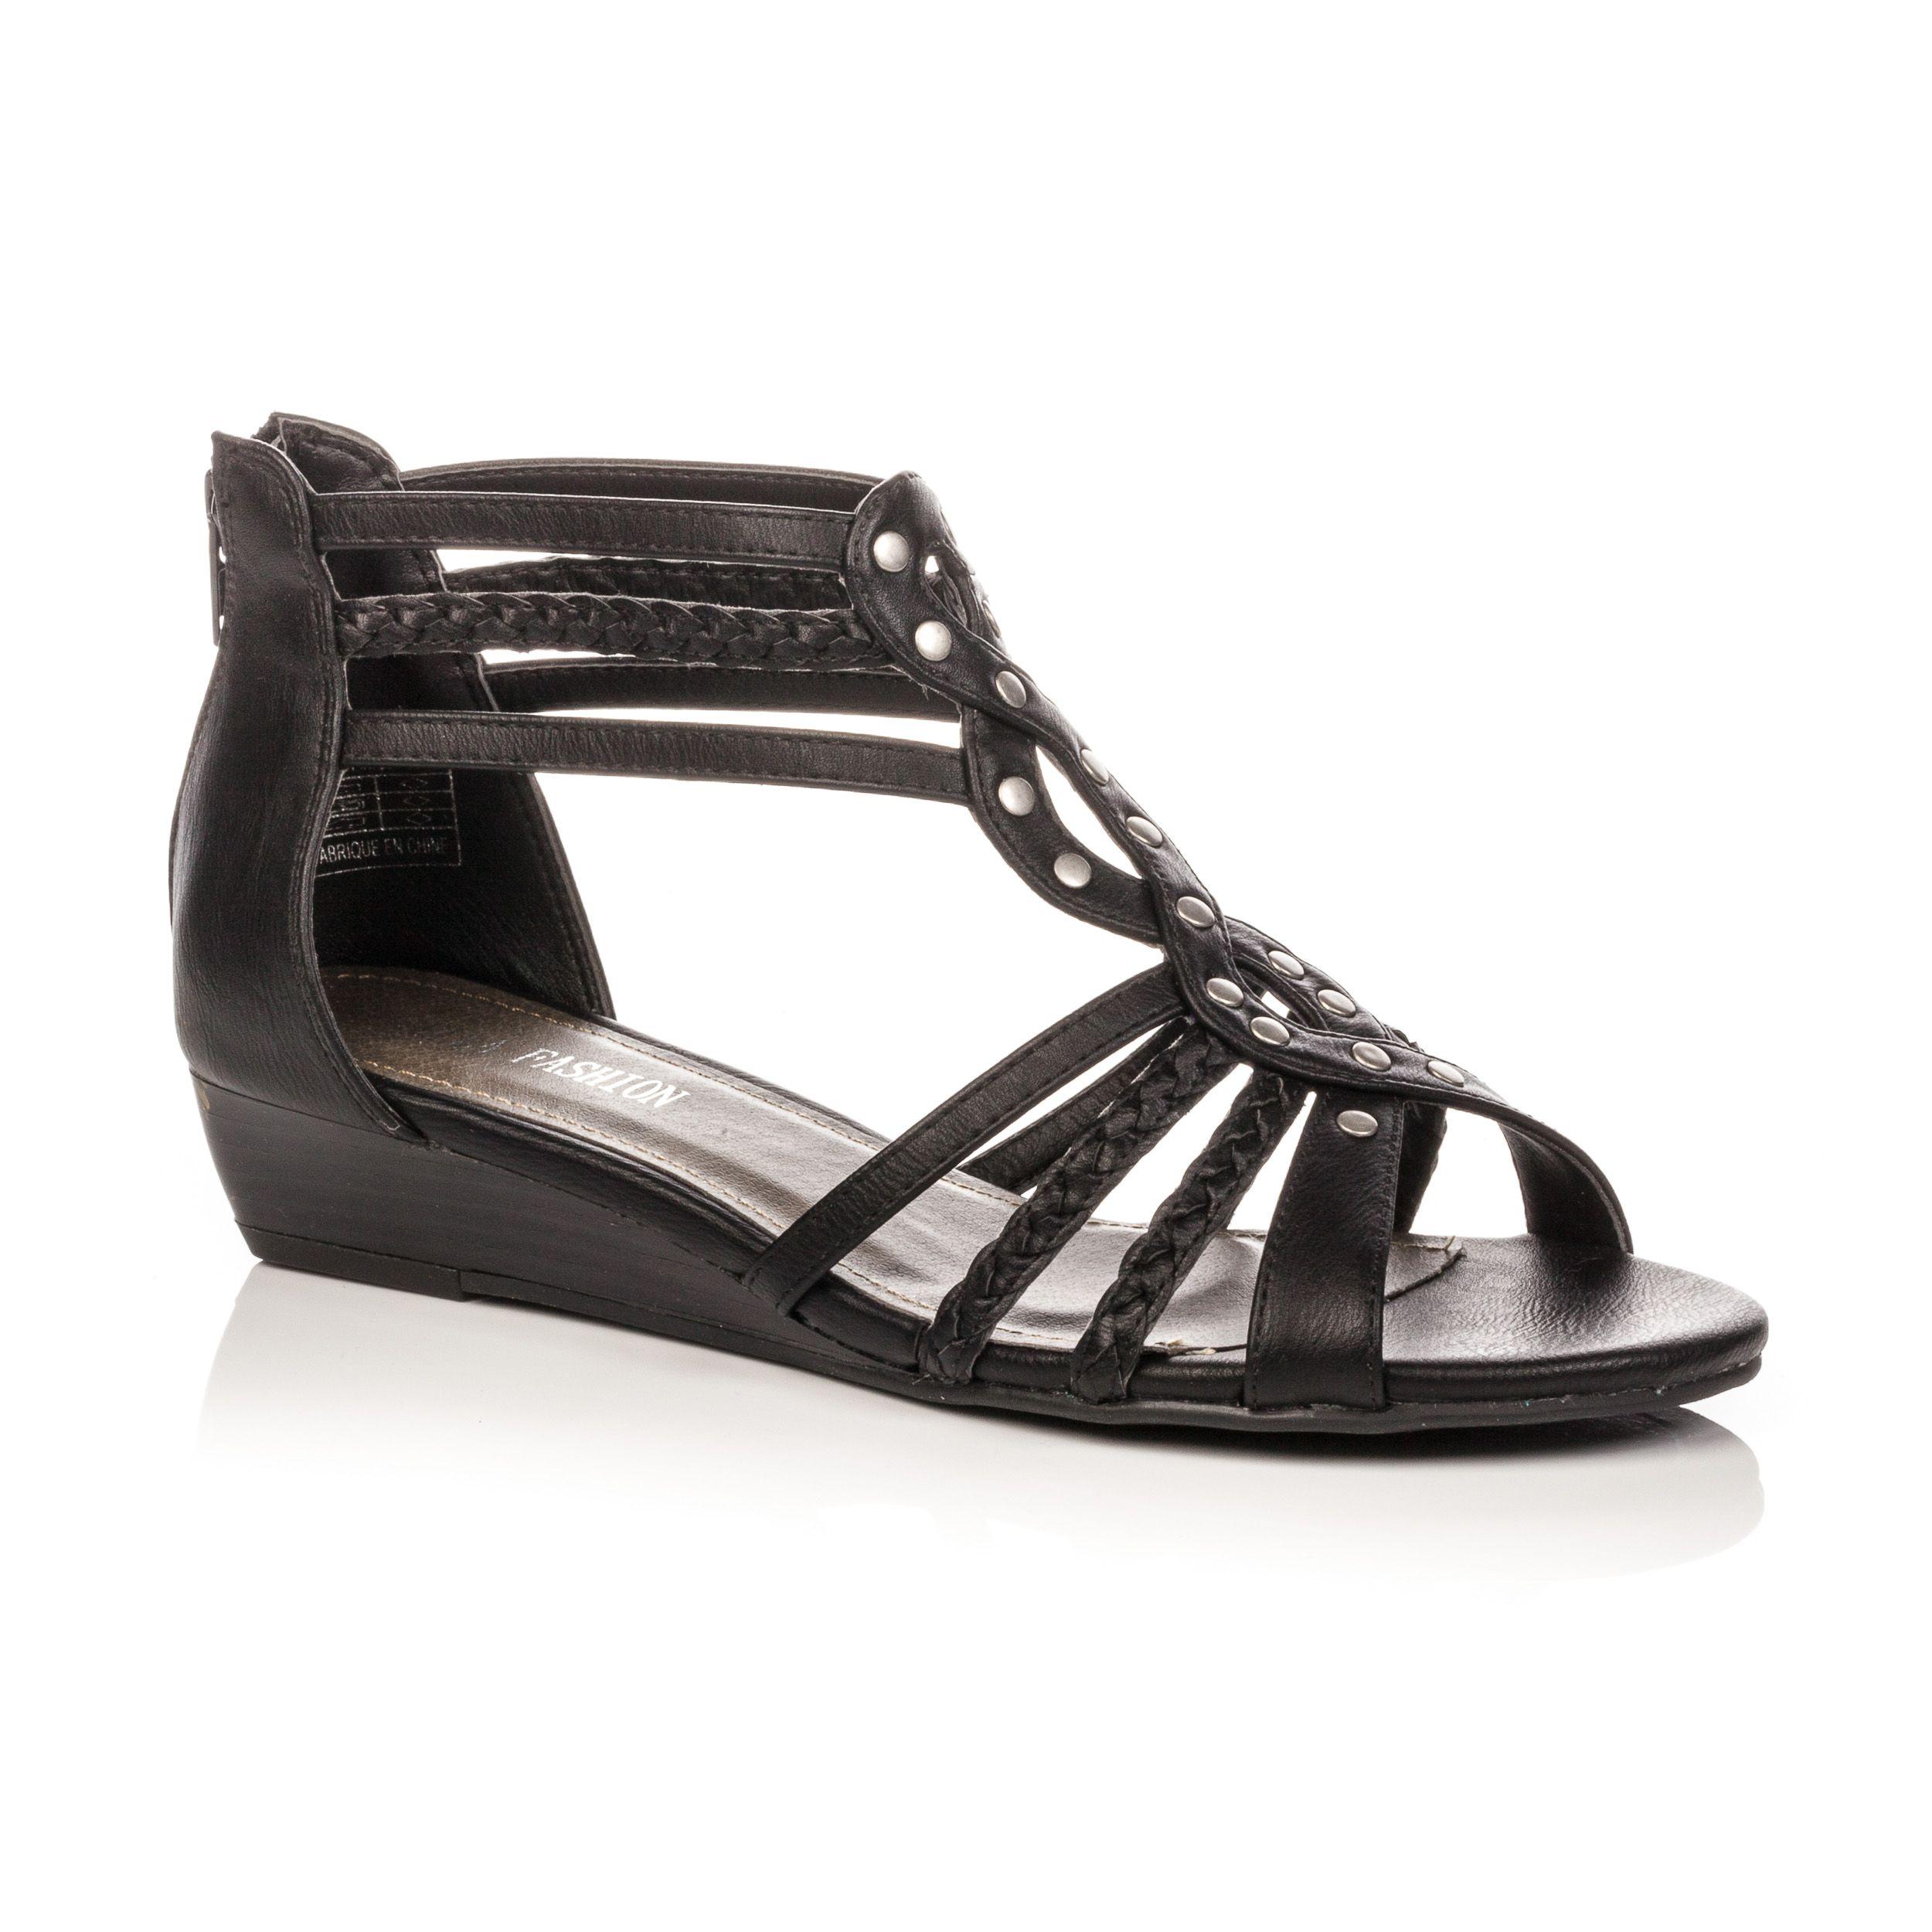 5a04ba2b6cde18 Perfectionnez votre look avec un détail clouté ! Sandales, nu-pieds, ou  mules